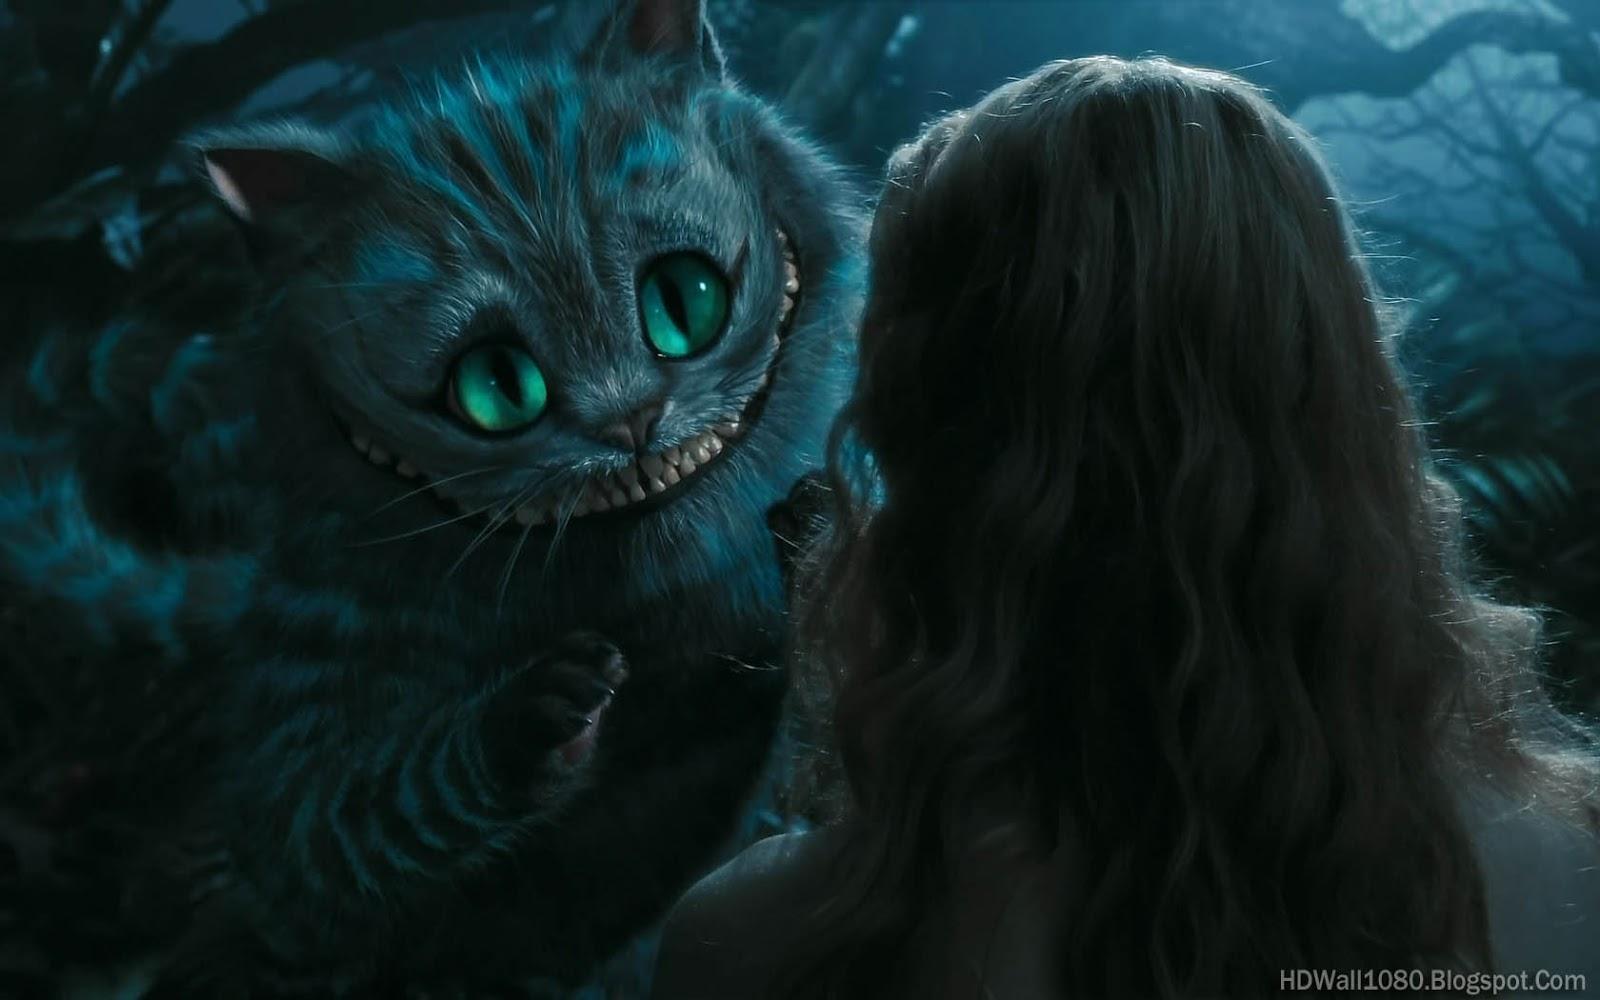 99walls Cat In Alice In Wonderland Wallpapers